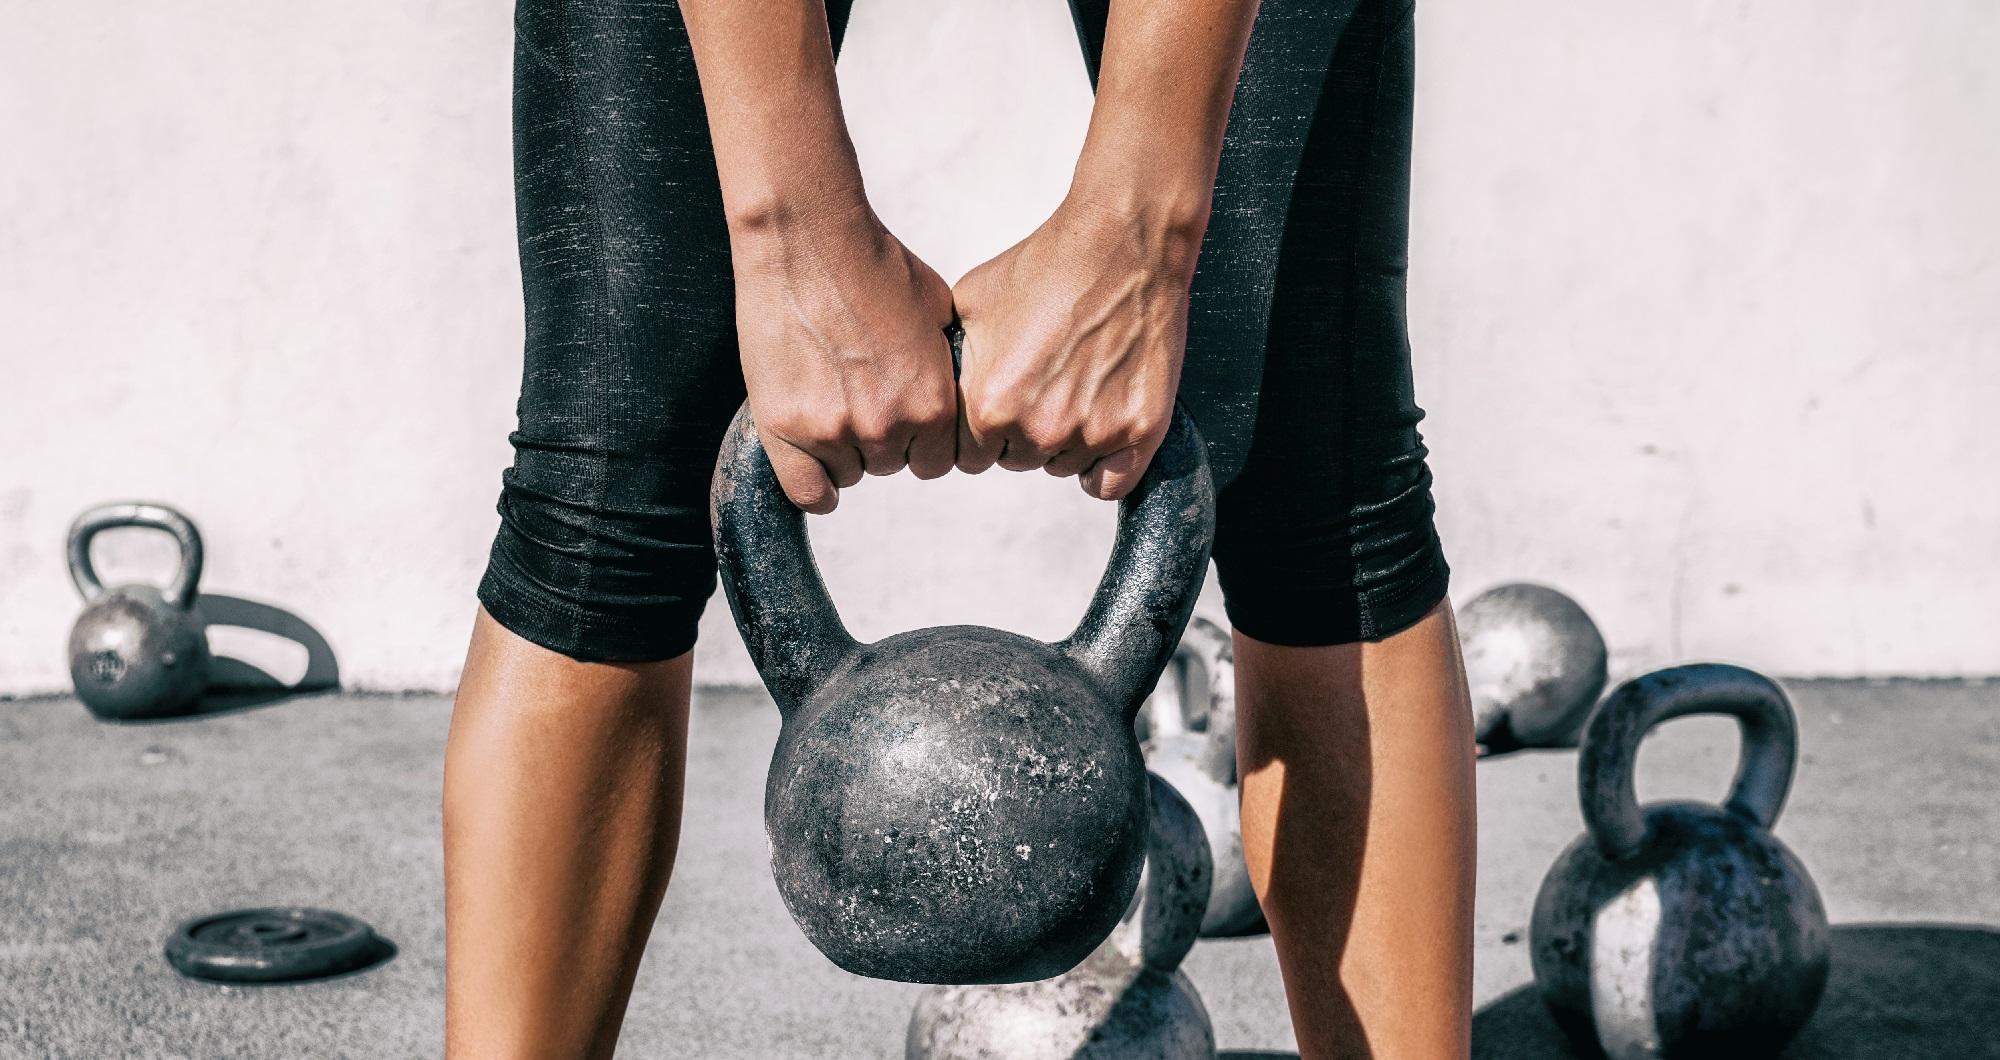 Outdoor Fitness Wir starten mit unserem Outdoor-Gym: Endlich können wir euch wieder eine trainingsumgebung bieten, in der ihr neu durchstarten könnt. Wir freuen uns auf euch!